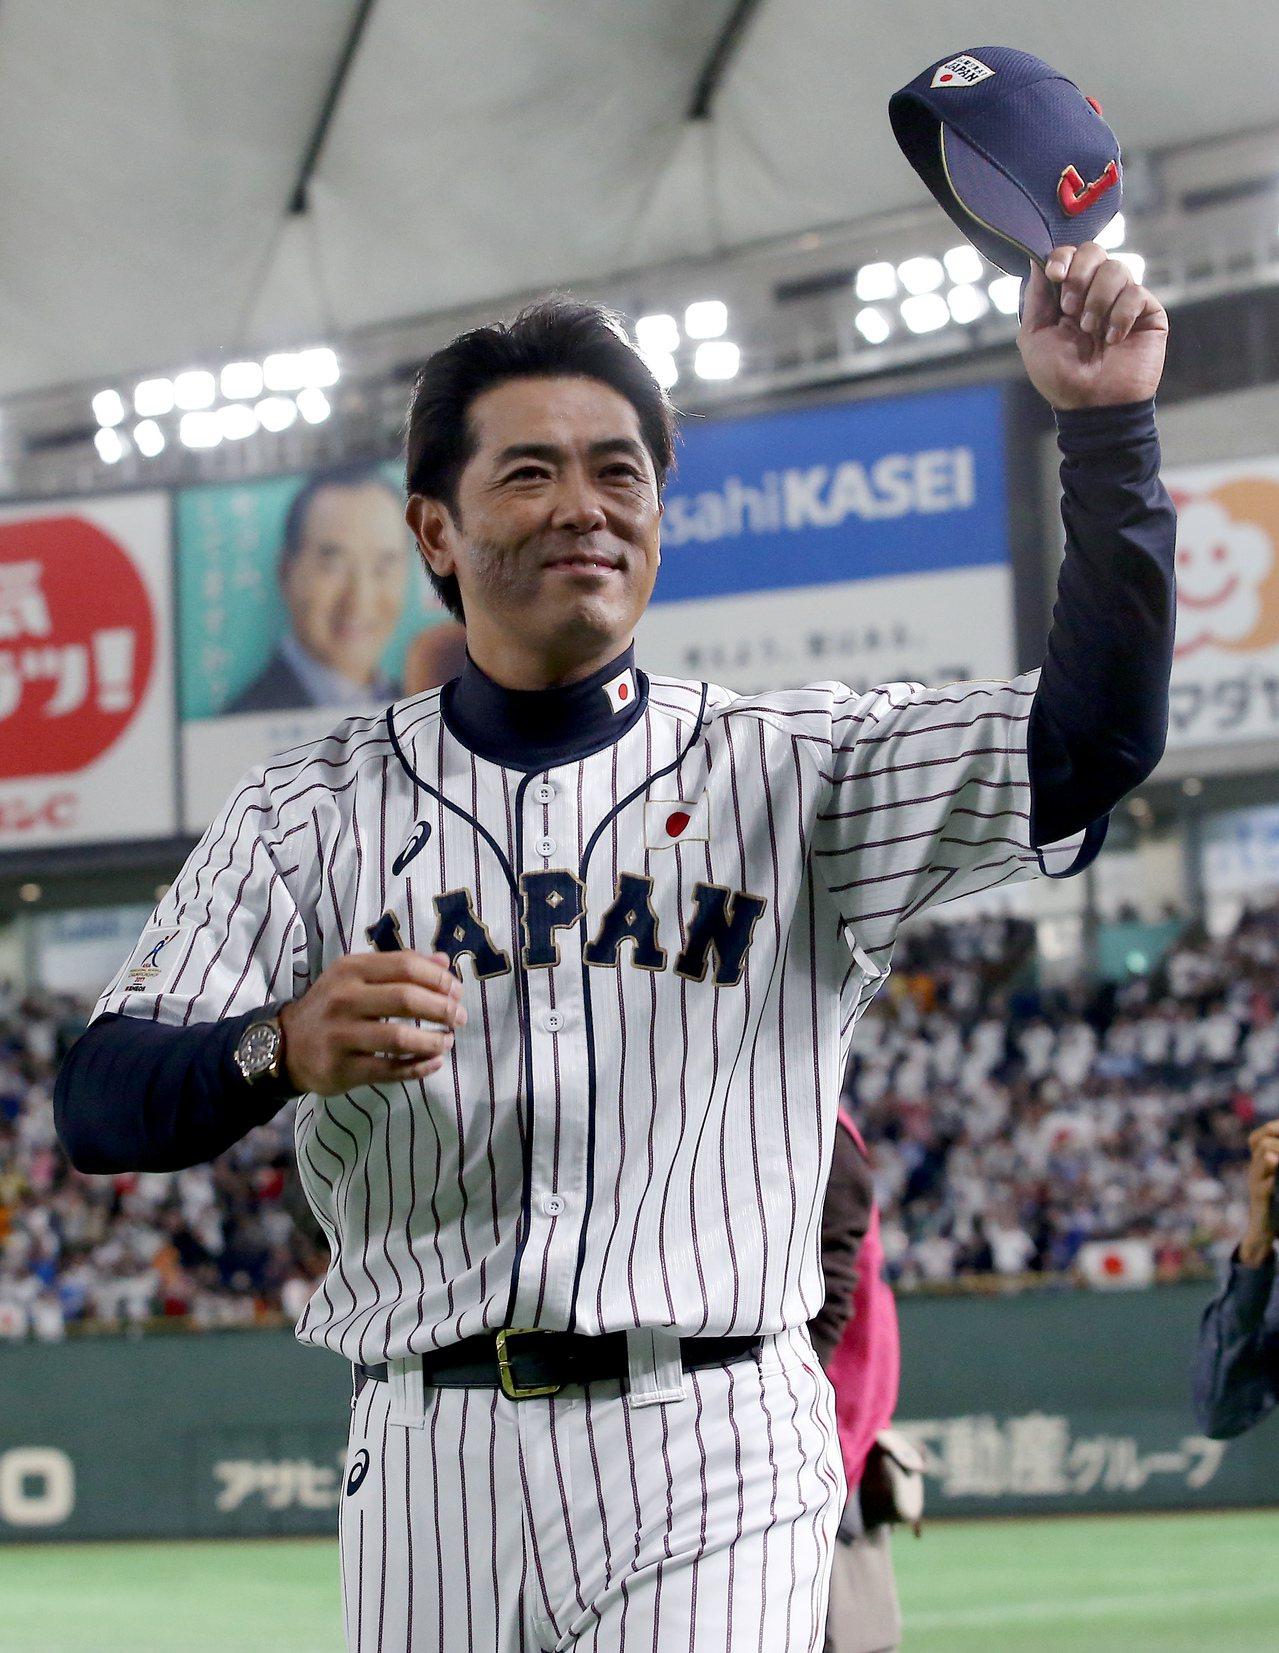 日本隊以7比0擊敗南韓隊,奪得第一屆亞冠賽的冠軍,這也是稻葉篤紀接任國家隊監督後...